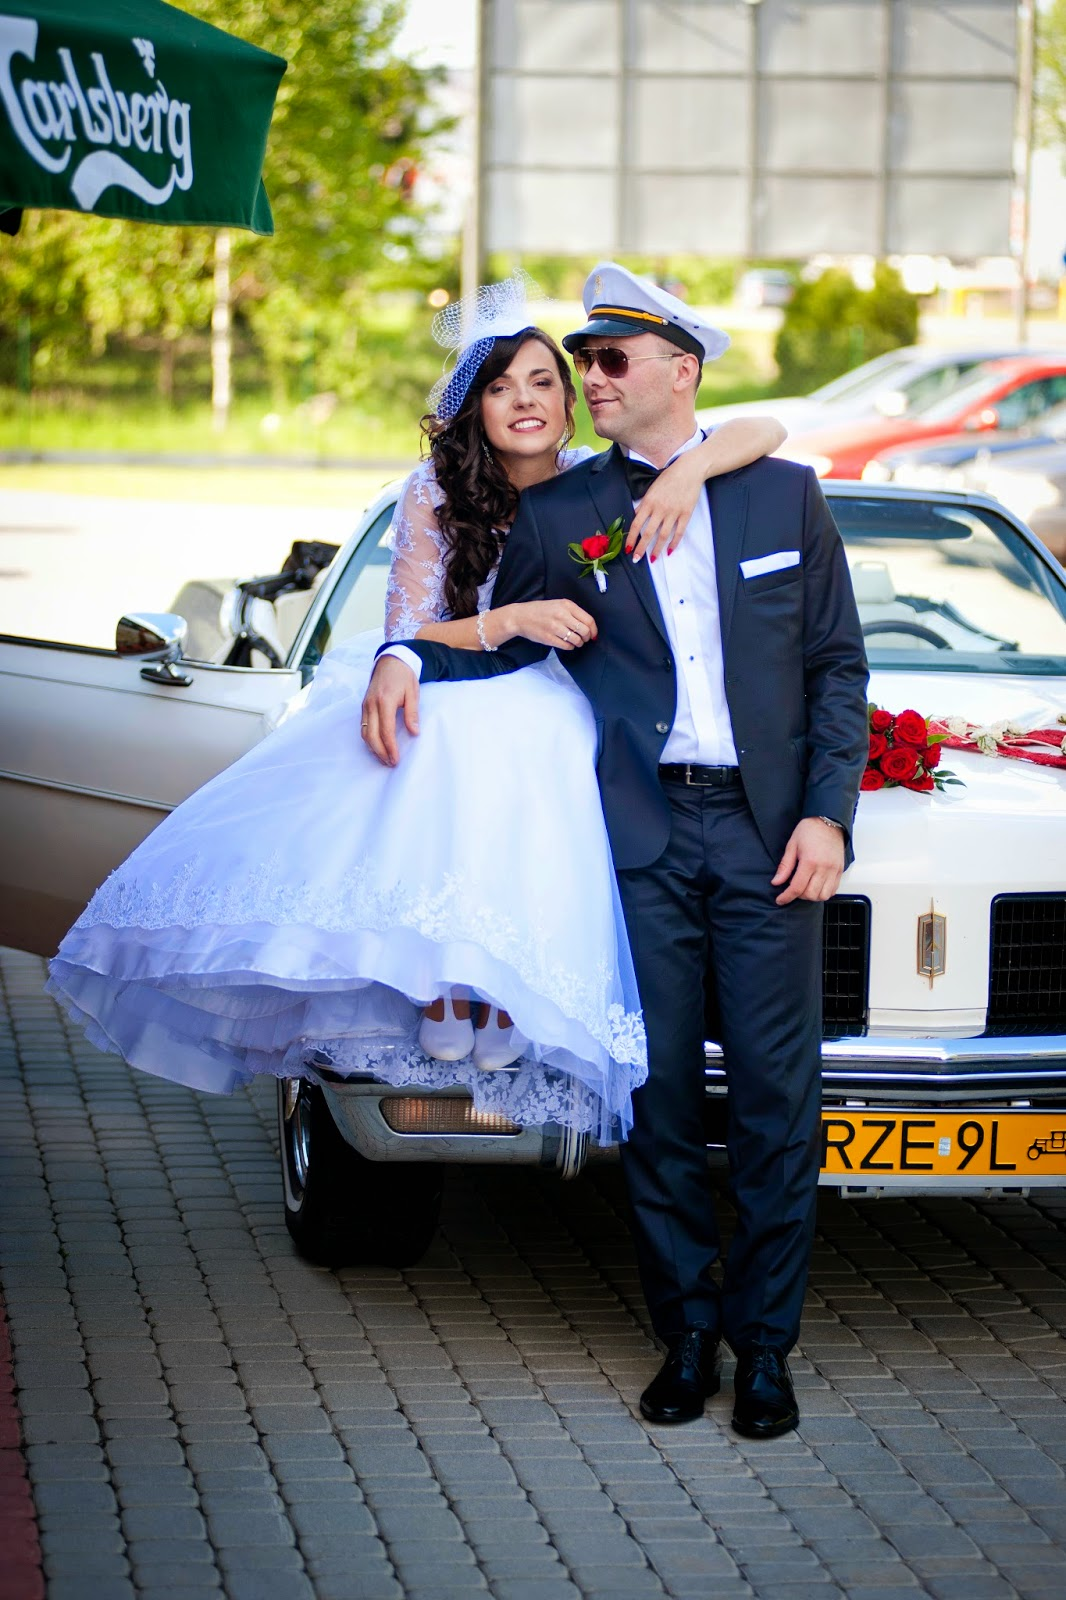 sesja ślubna, miejsce na sesję ślubną, samochody do ślubu, jakim samochodem do slubu